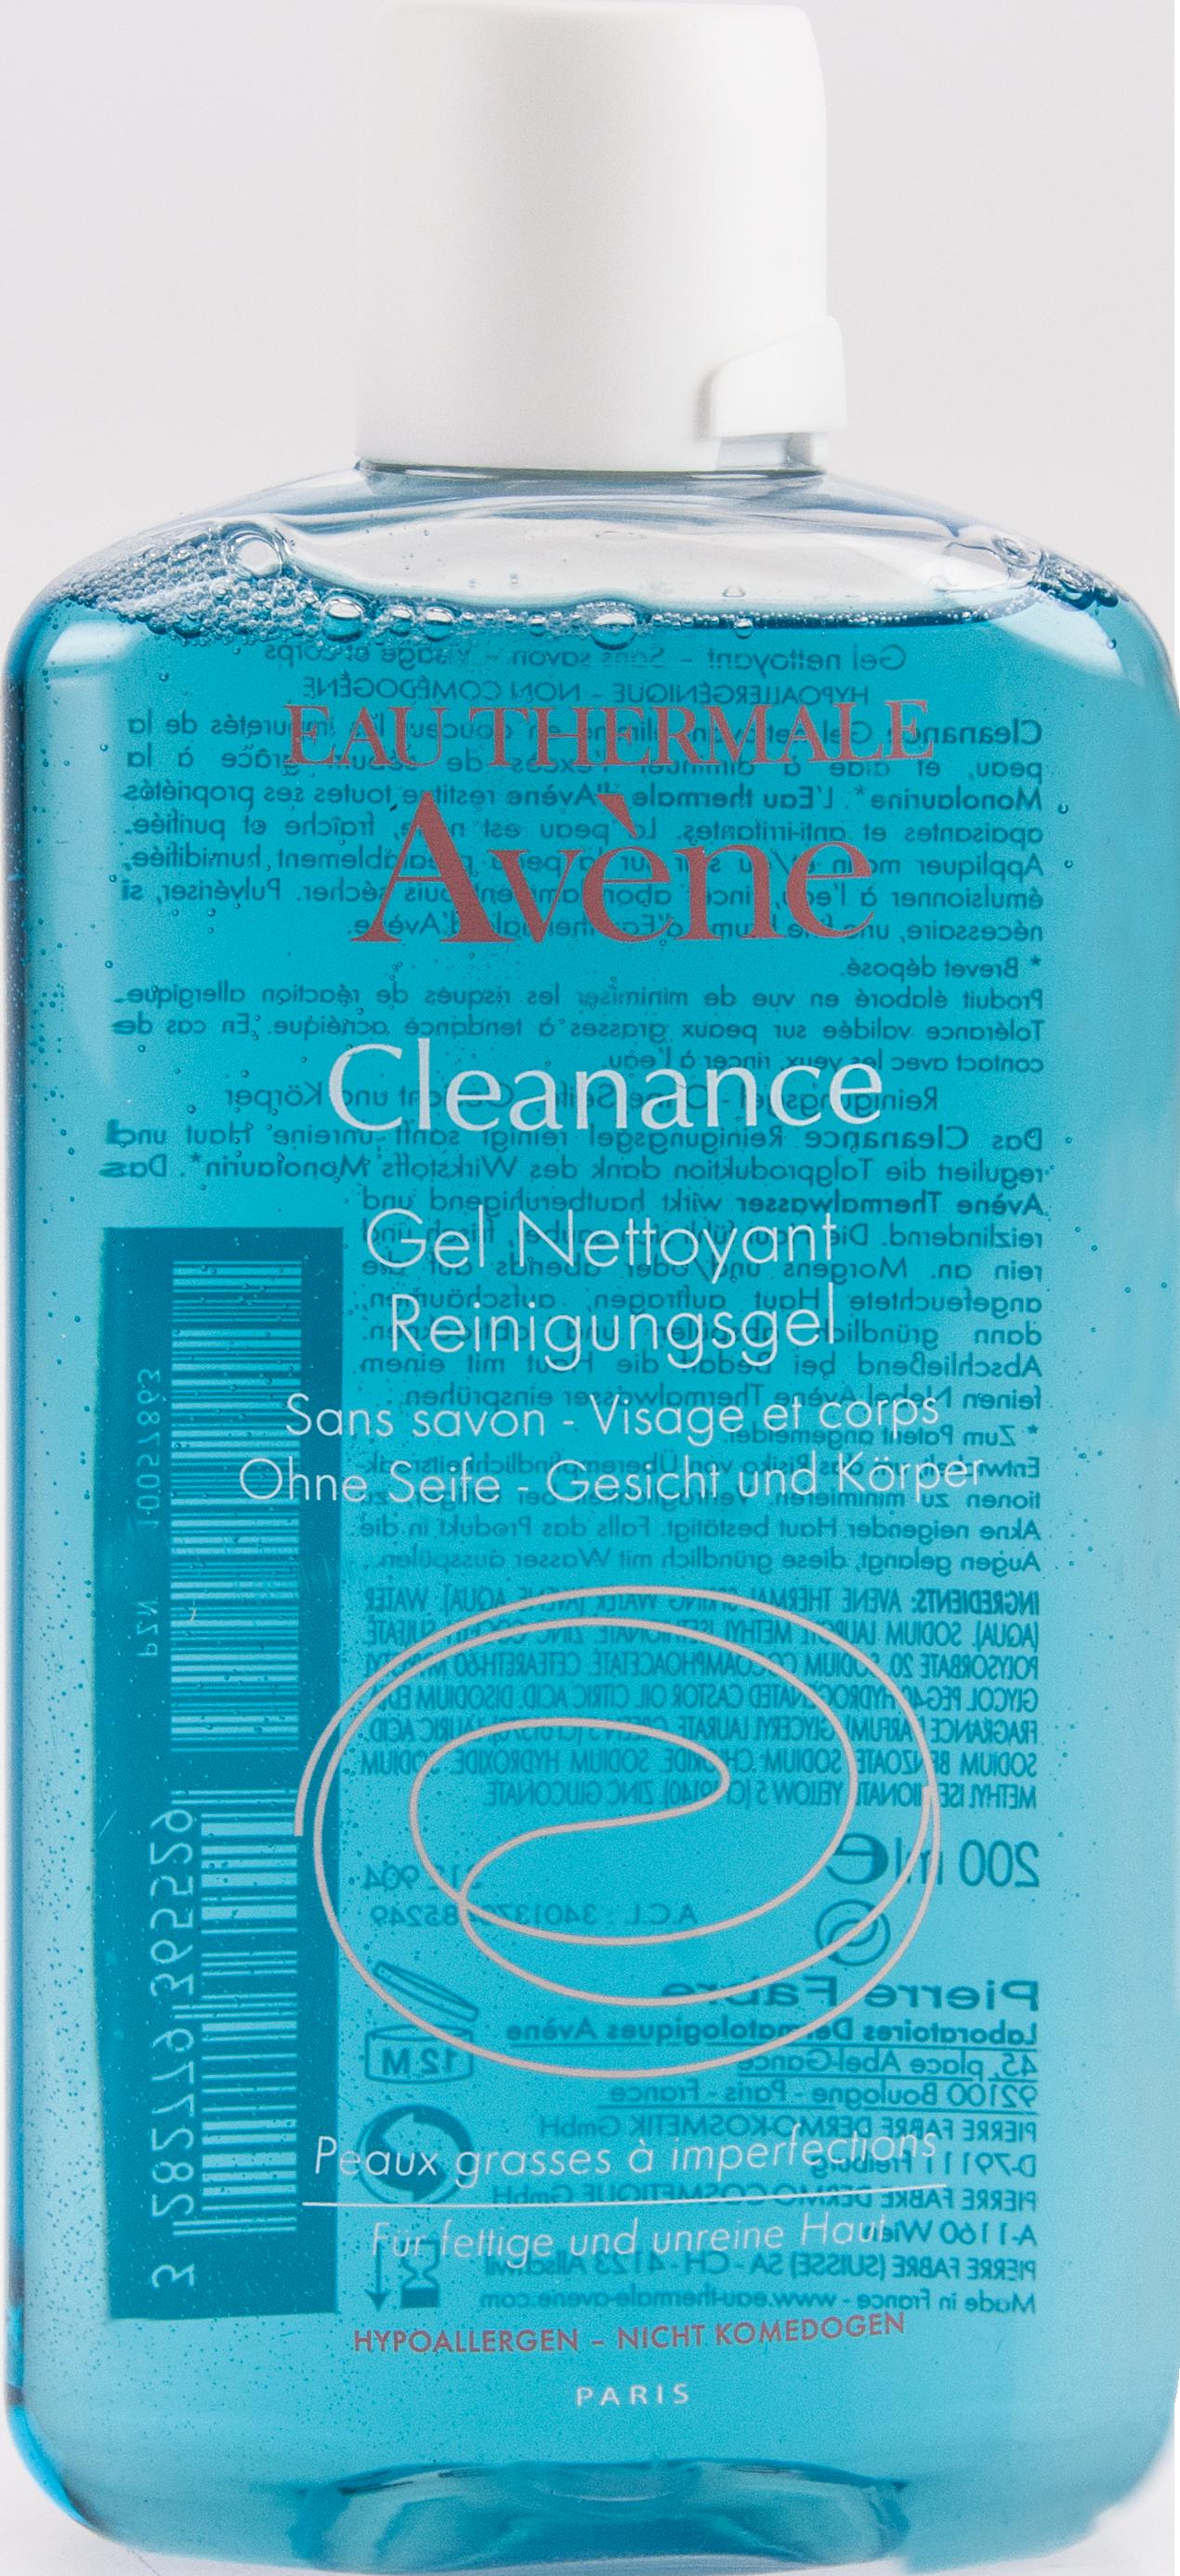 AVENE Cleanance Reinigungsgel+Monolaurin